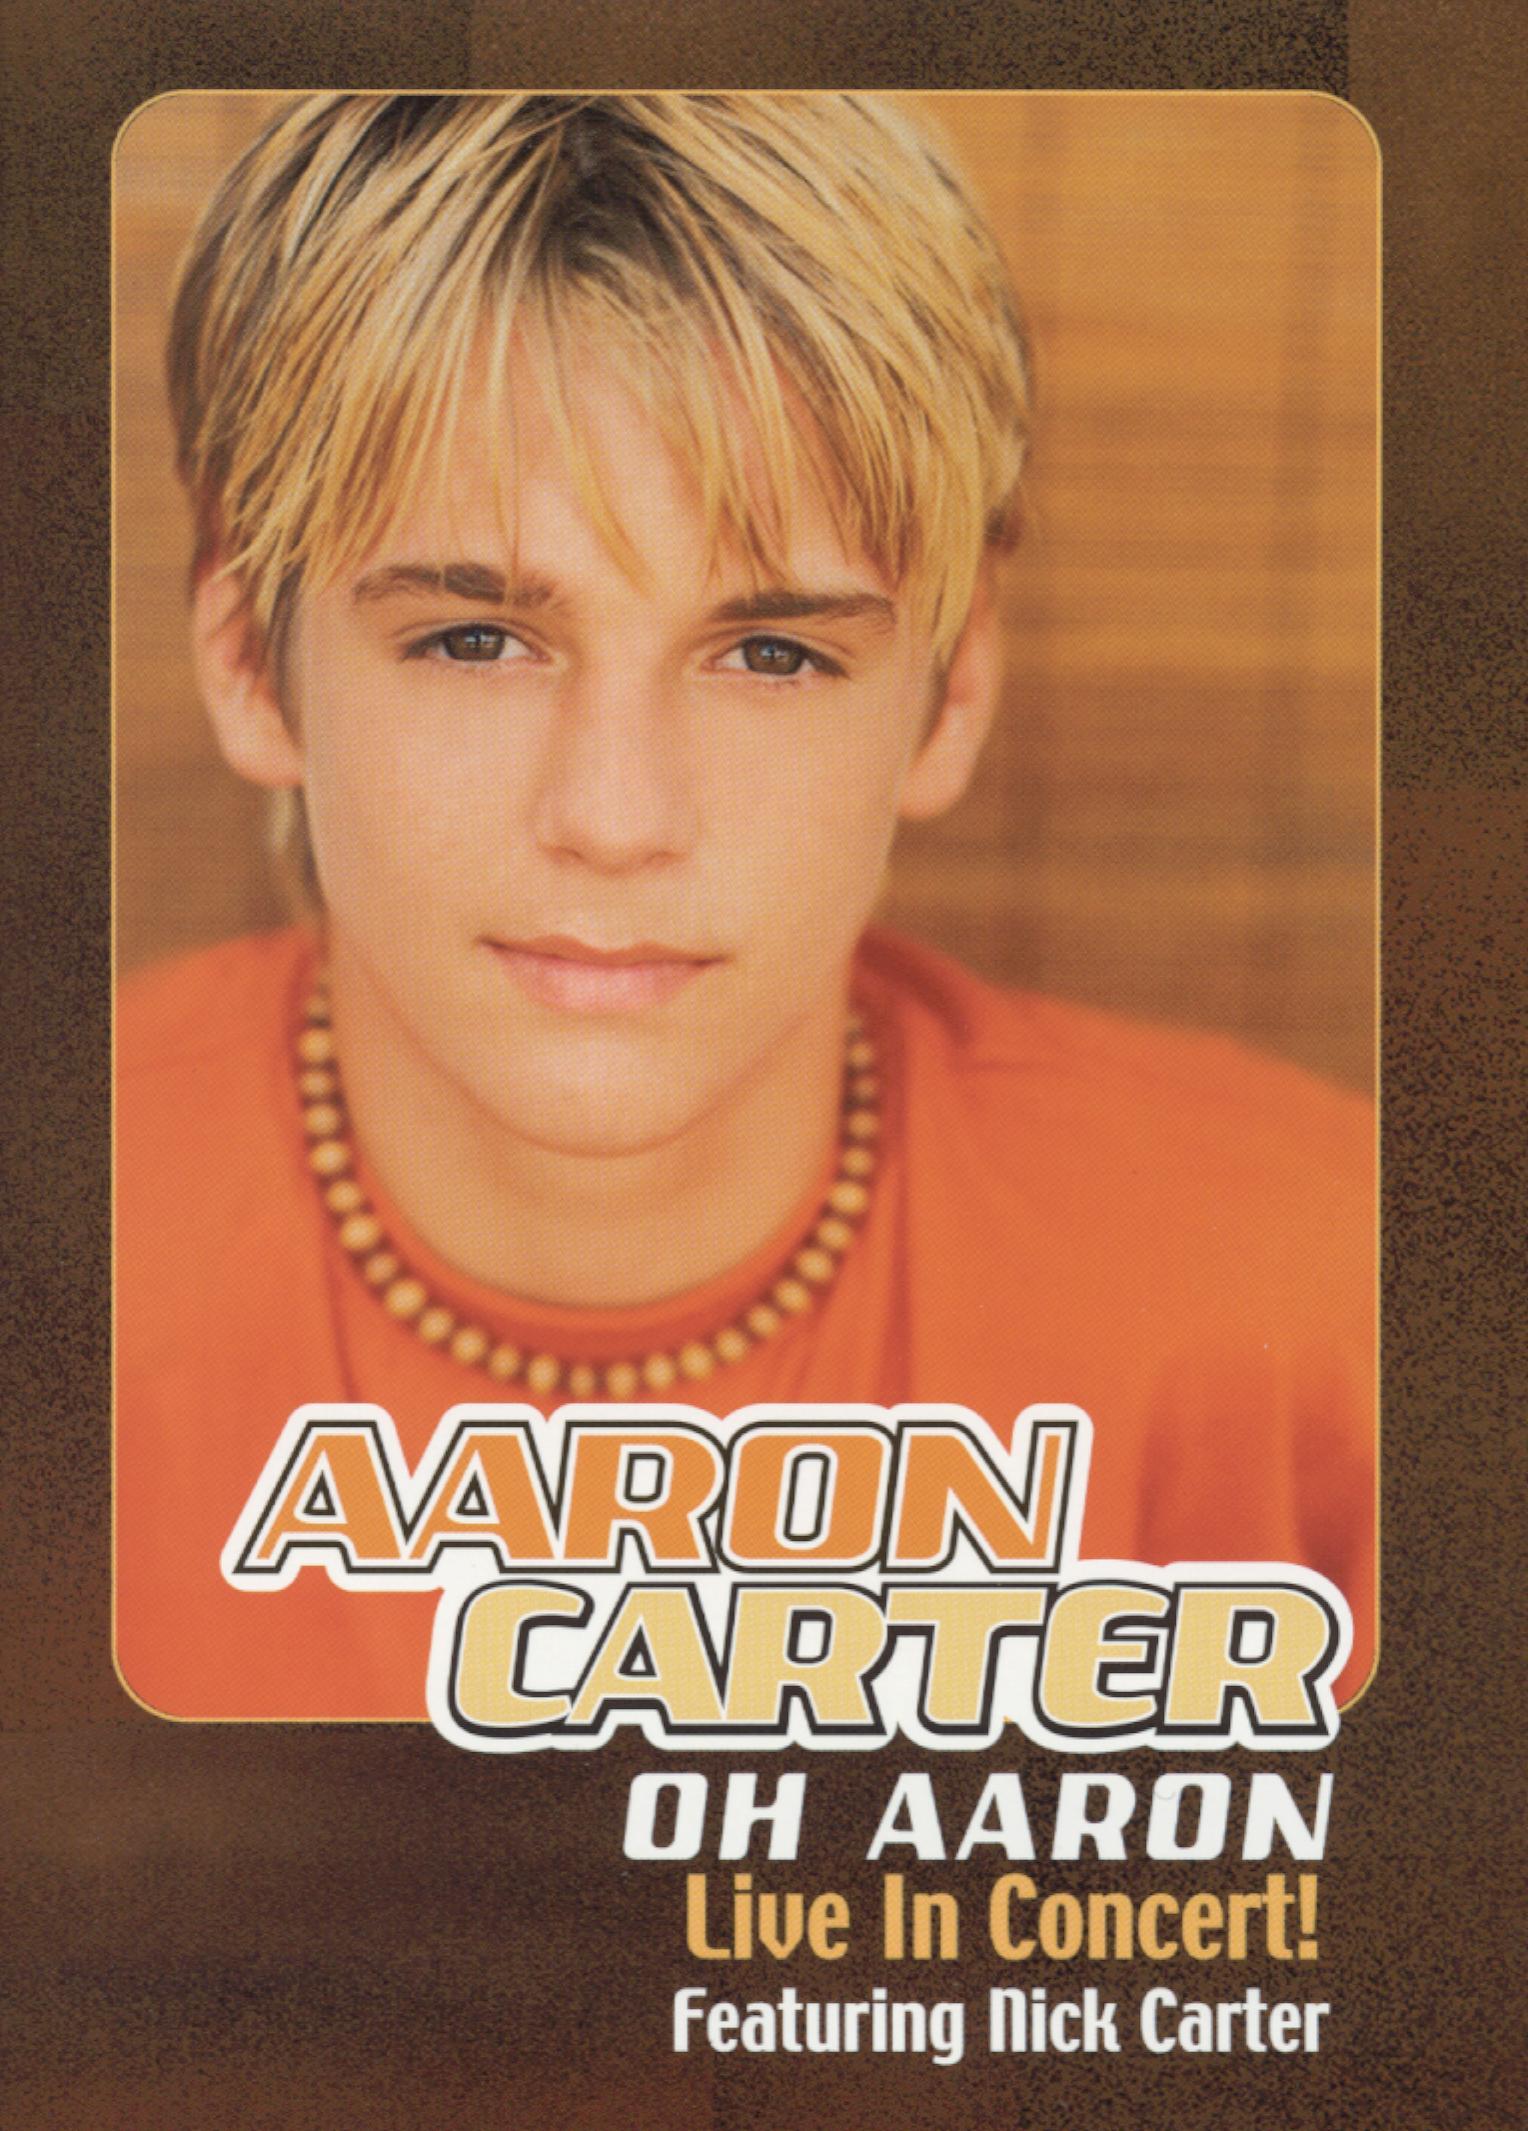 Aaron Carter: Oh Aaron - Live in Concert